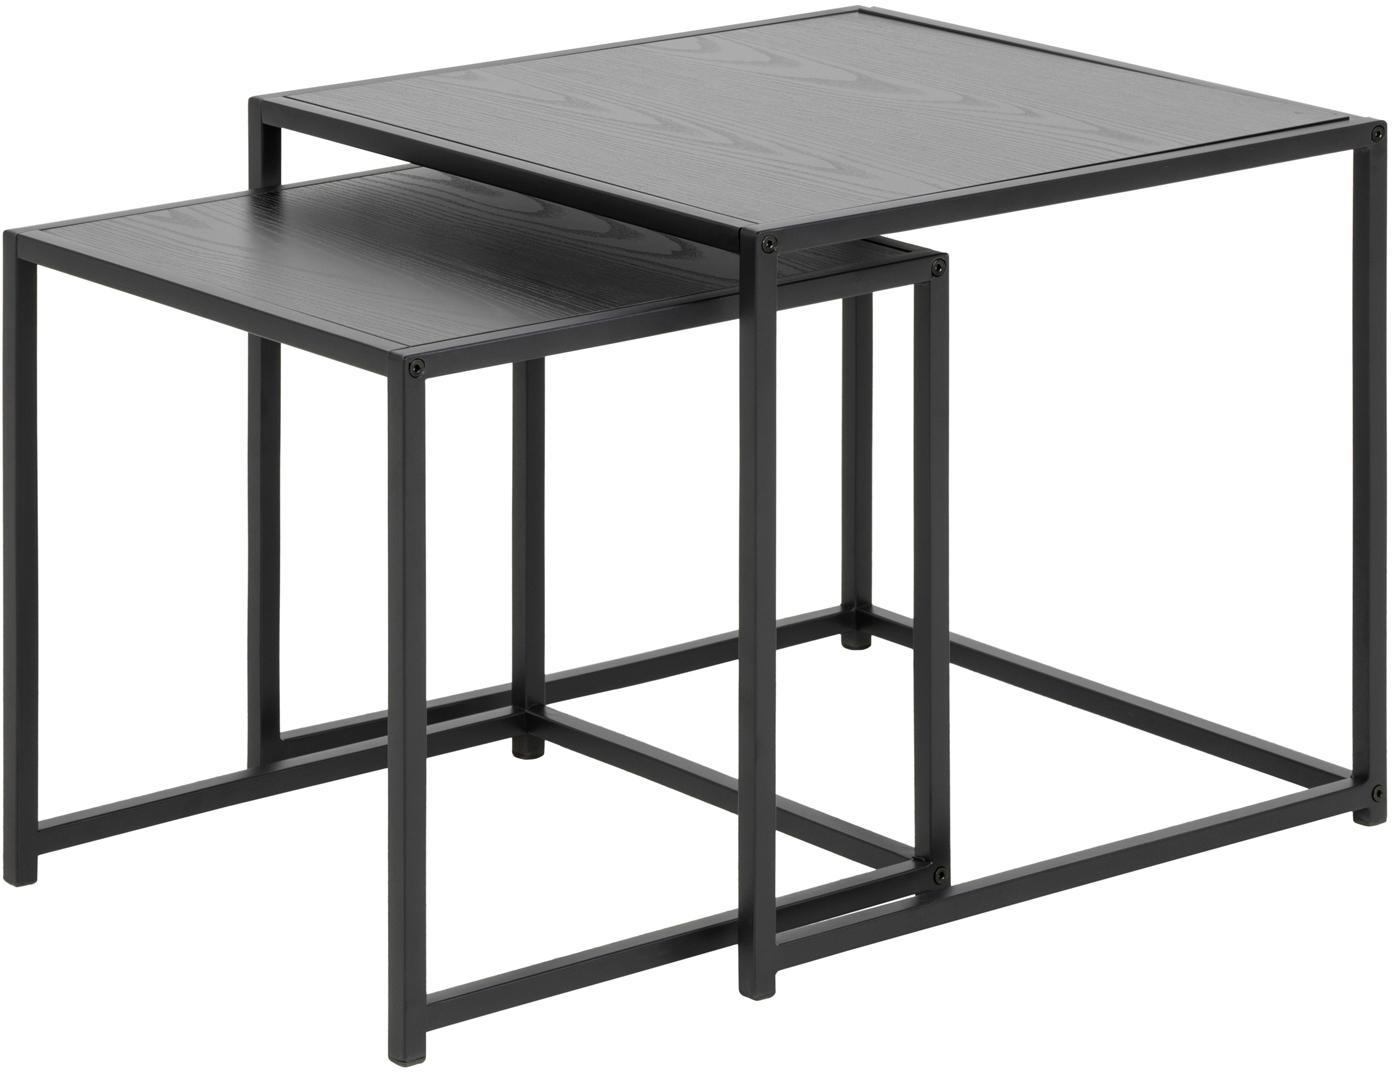 Komplet stolików pomocniczych  Seaford, 2 elem., Płyta pilśniowa średniej gęstości (MDF), metal, Czarny, Komplet z różnymi rozmiarami